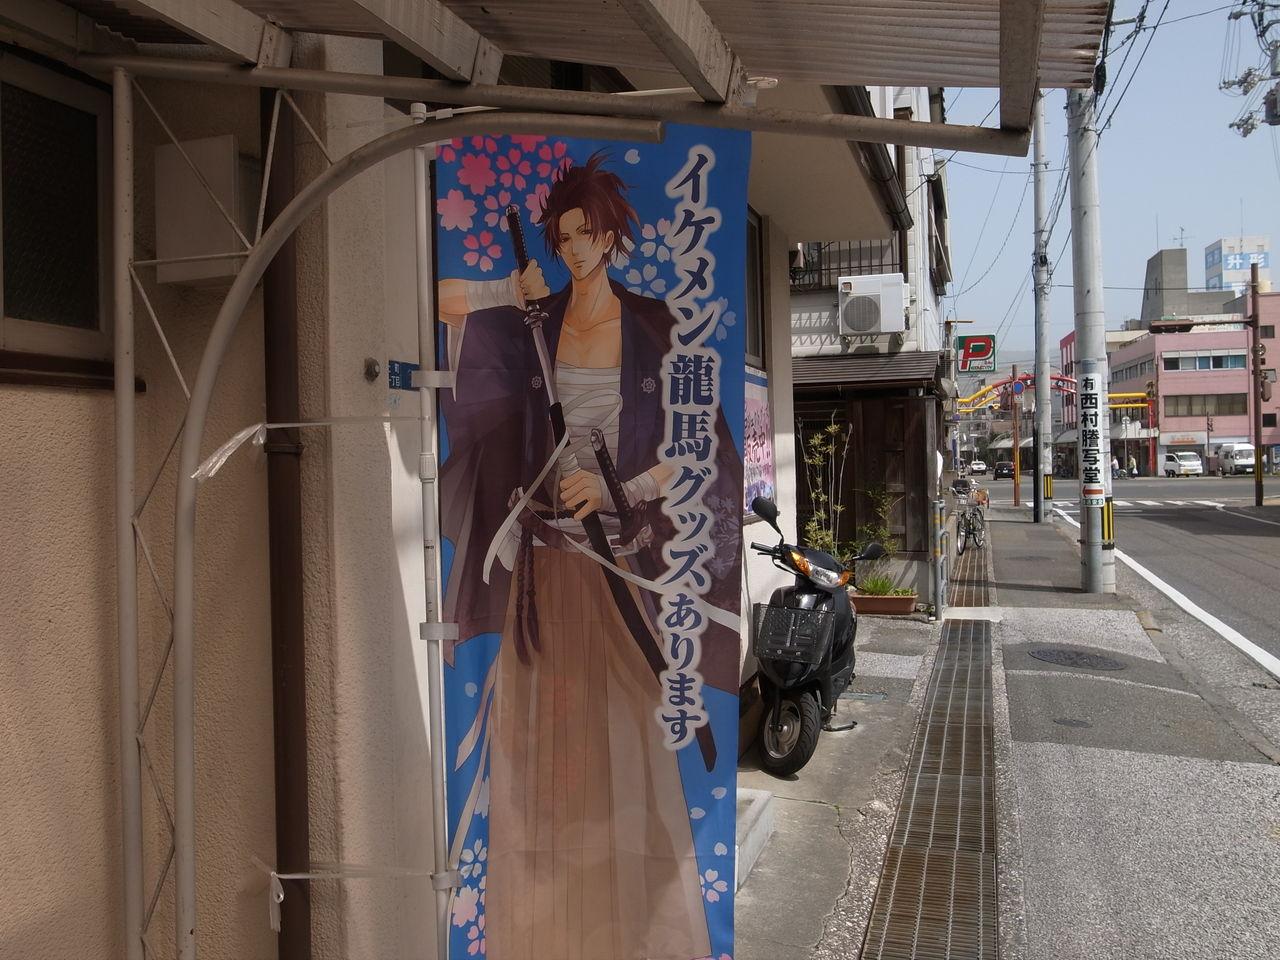 自転車の 高松 自転車置き場 : たくあん旅行記 : 写真館5